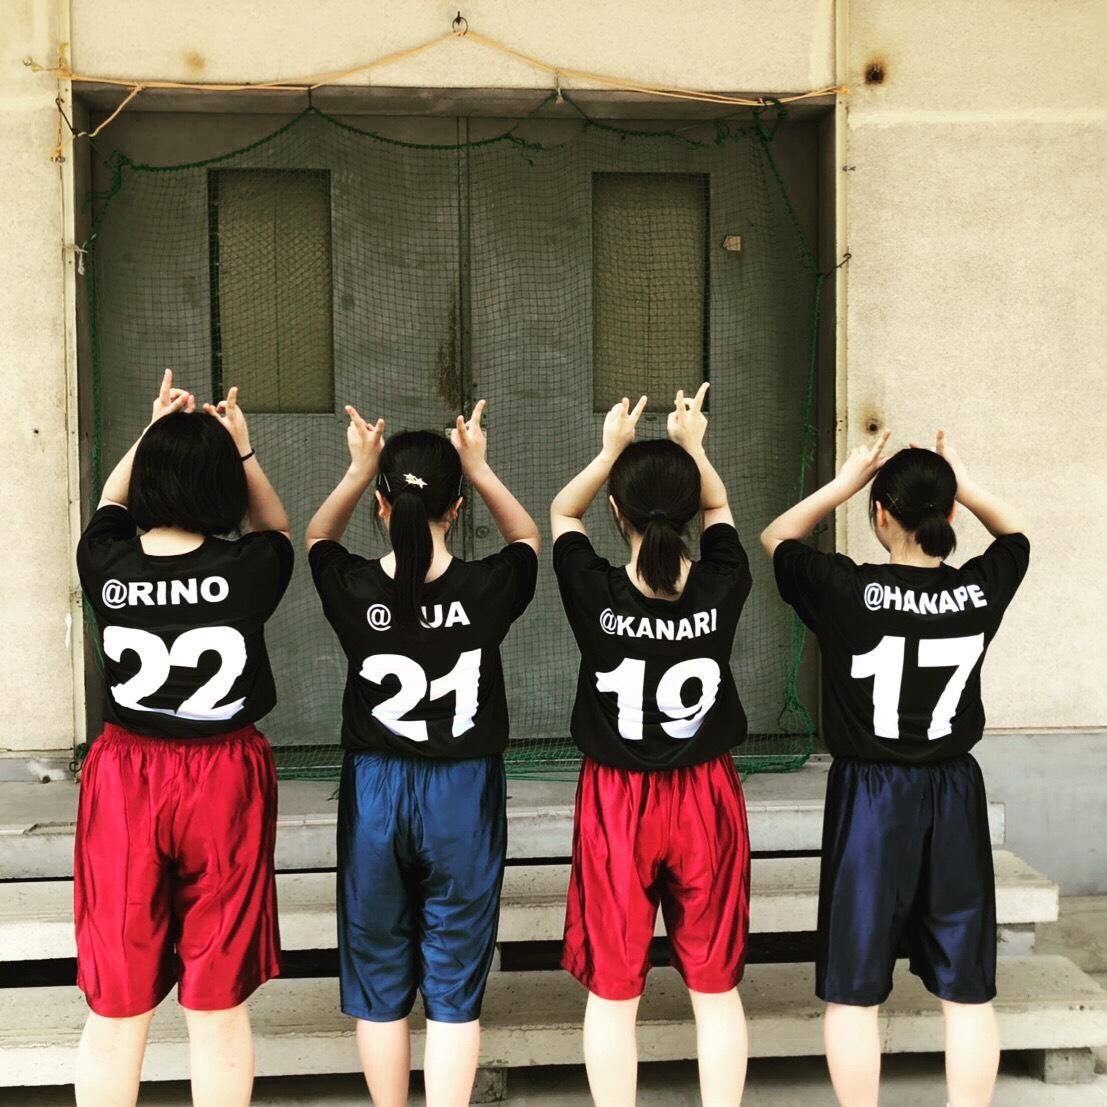 高校生クラスTシャツ2019木曽青峰高校(2-4)様(デカプリMAX)